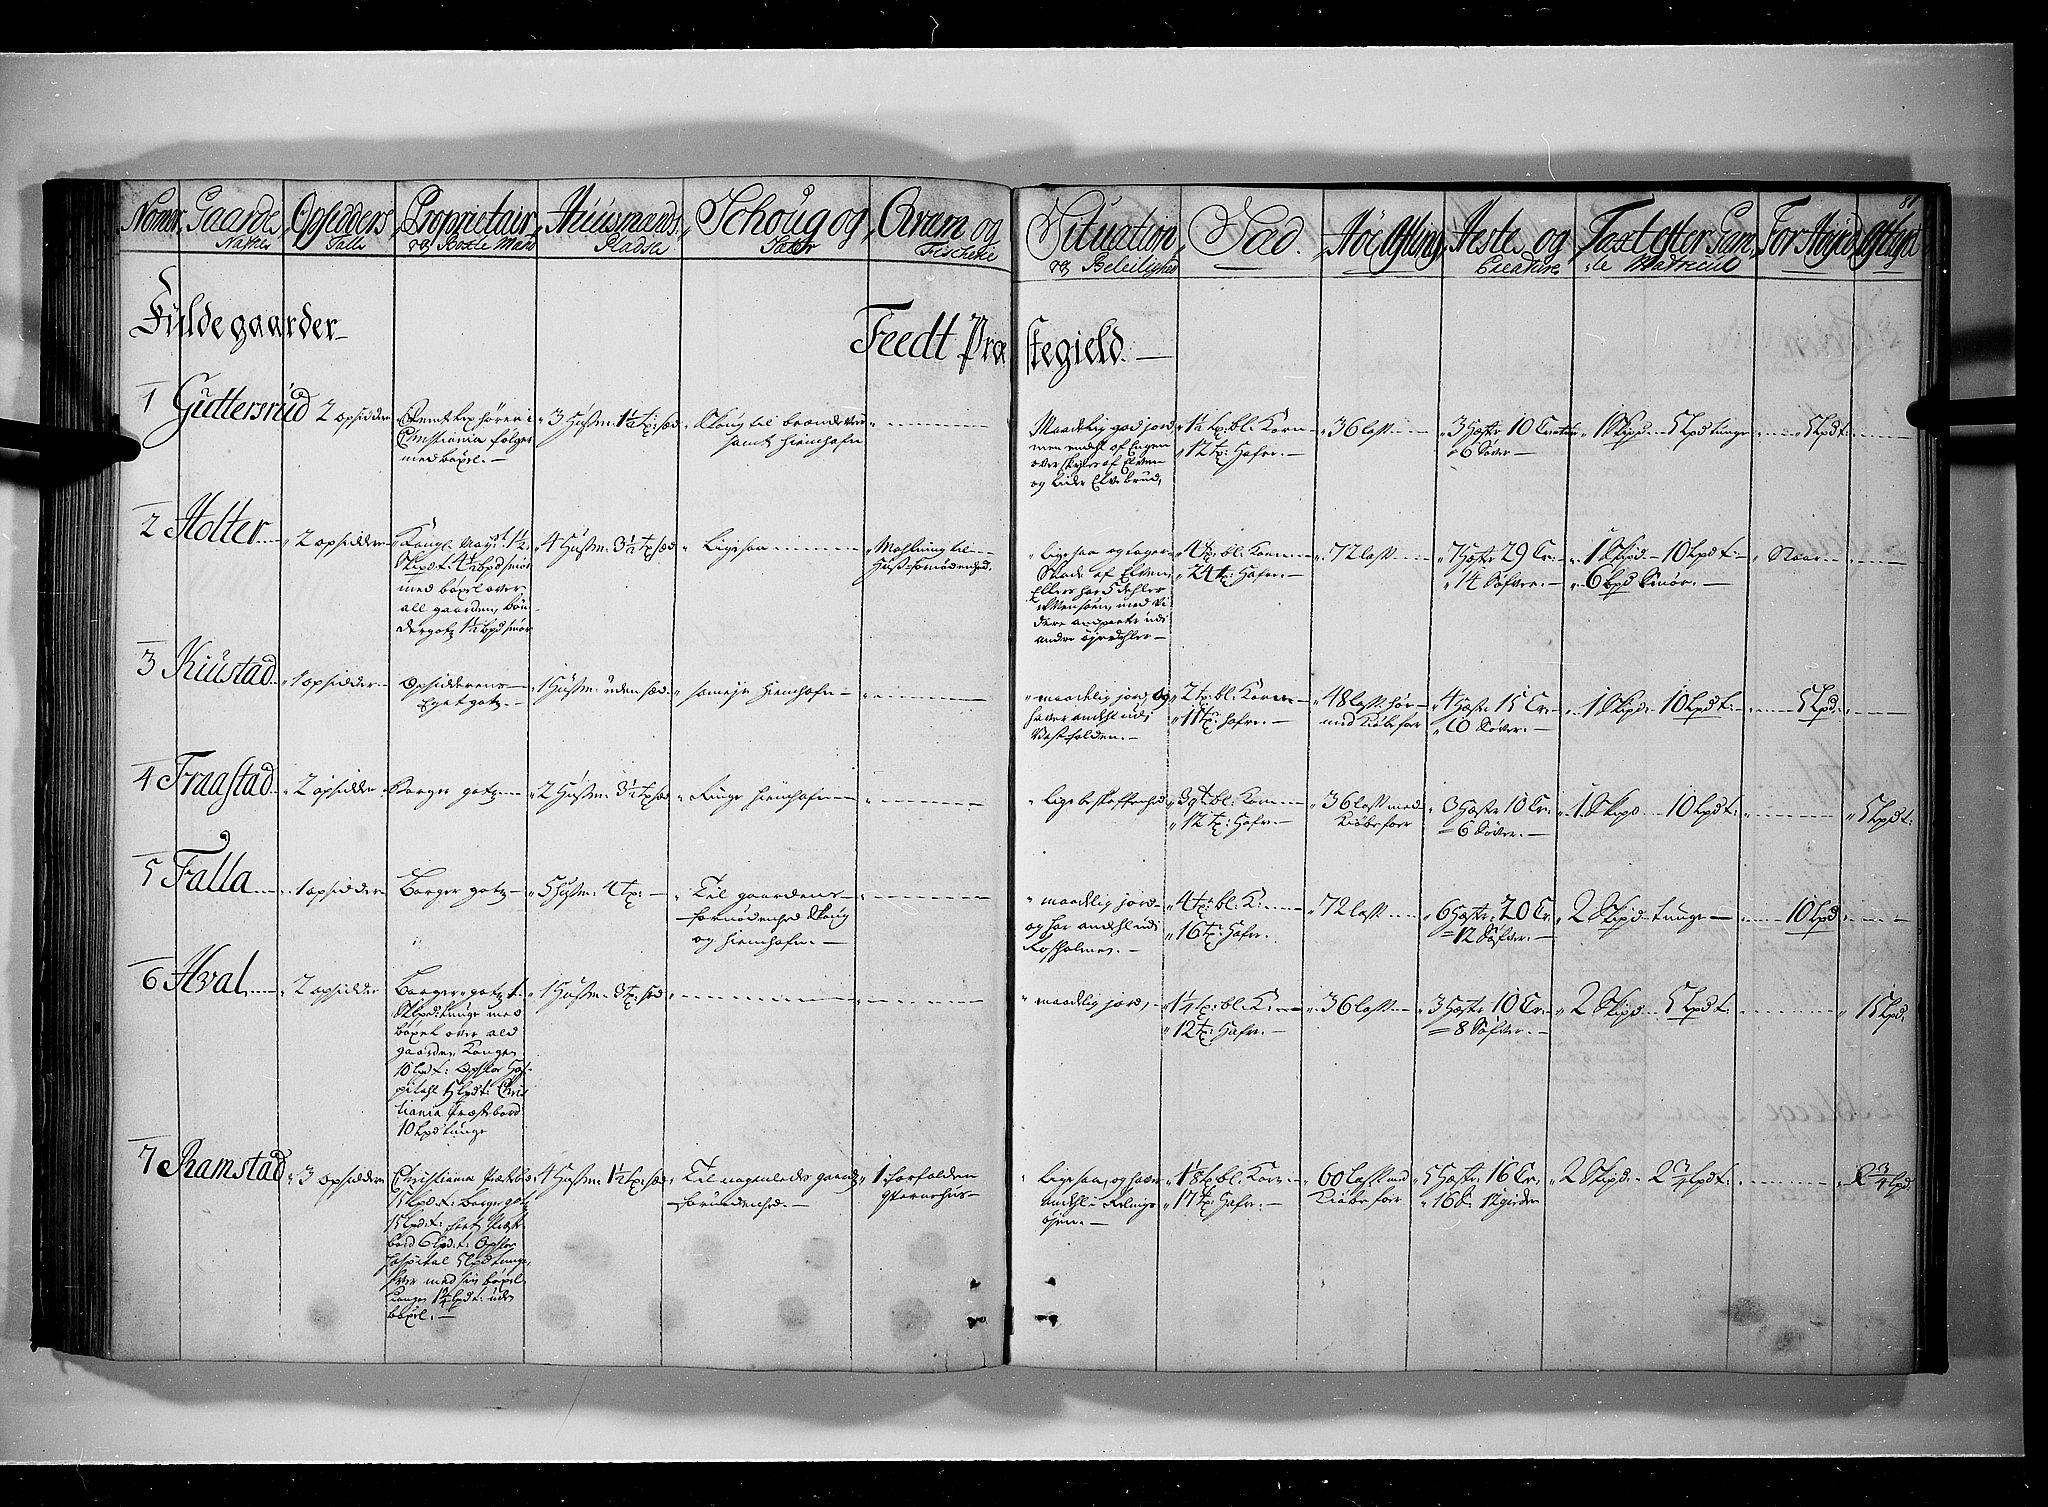 RA, Rentekammeret inntil 1814, Realistisk ordnet avdeling, N/Nb/Nbf/L0091: Nedre Romerike eksaminasjonsprotokoll, 1723, s. 80b-81a